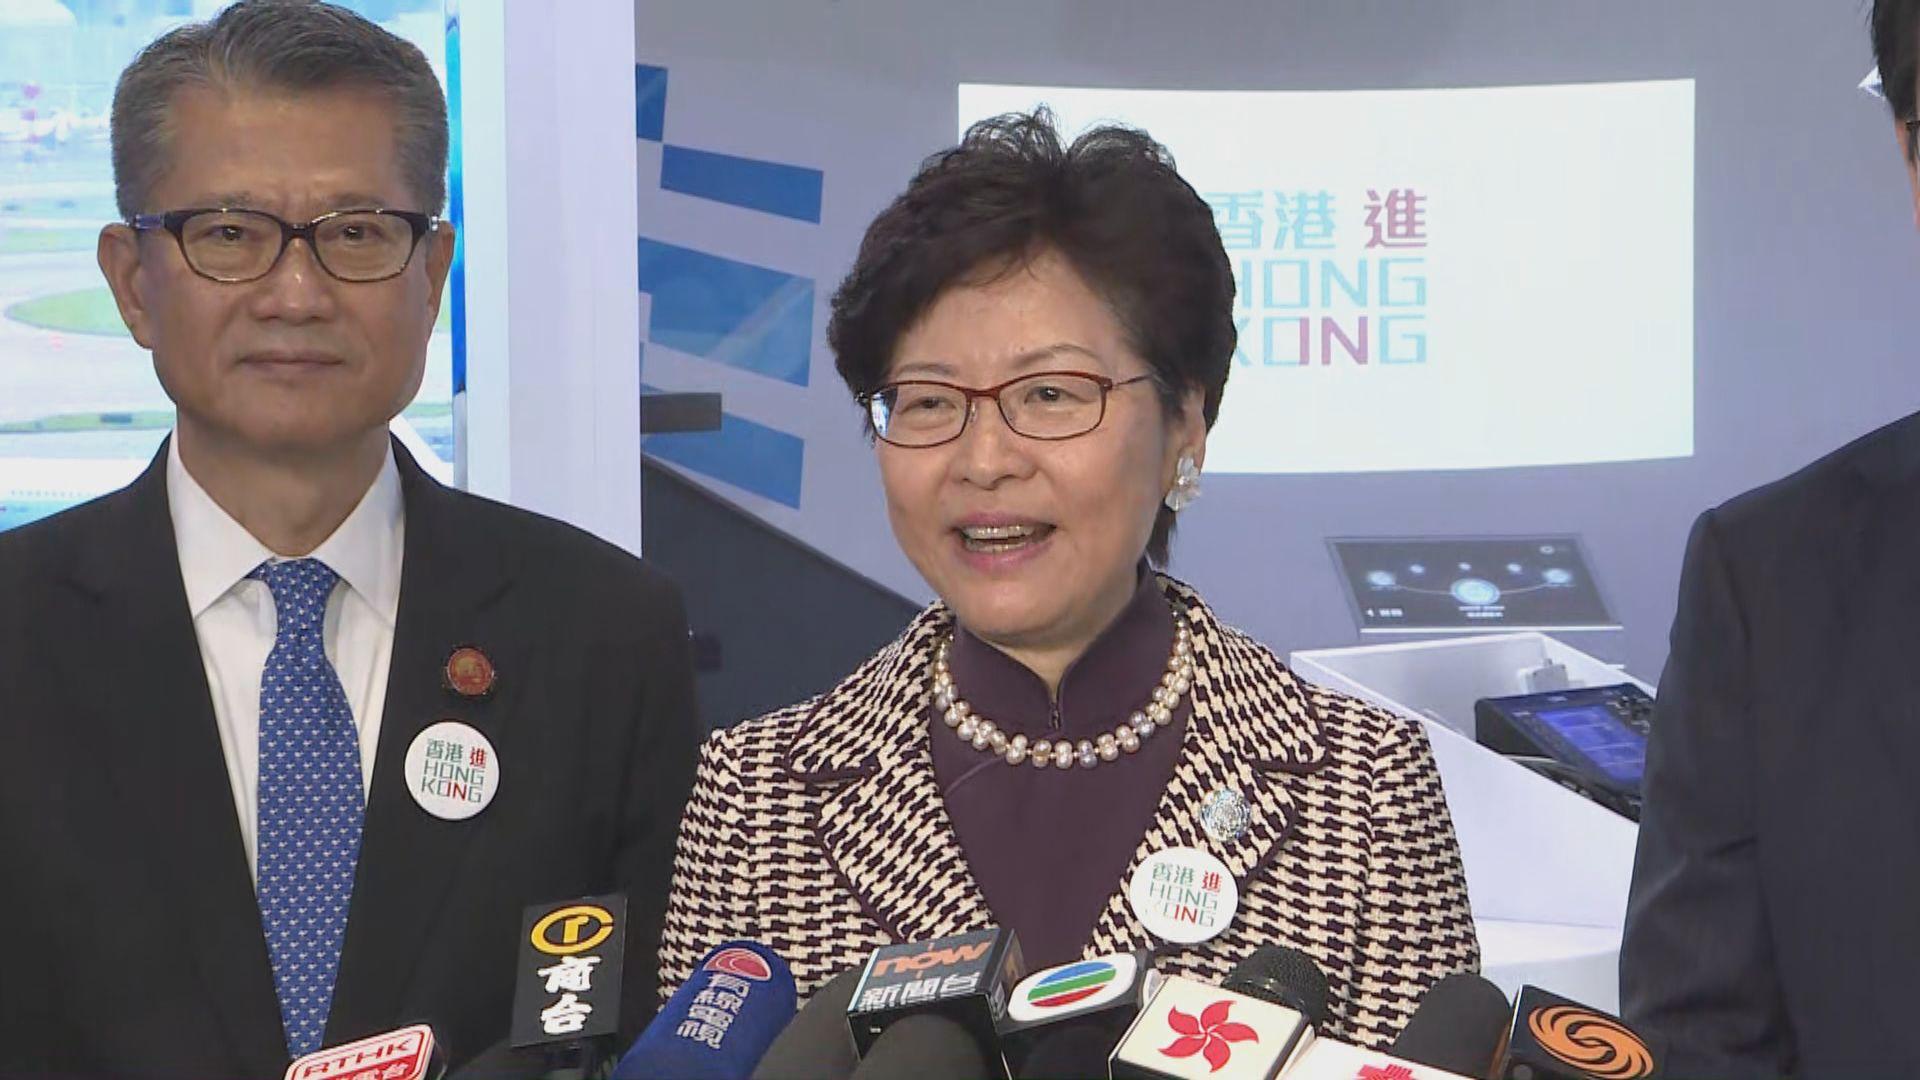 林鄭:撤換張建宗是揣測性報道